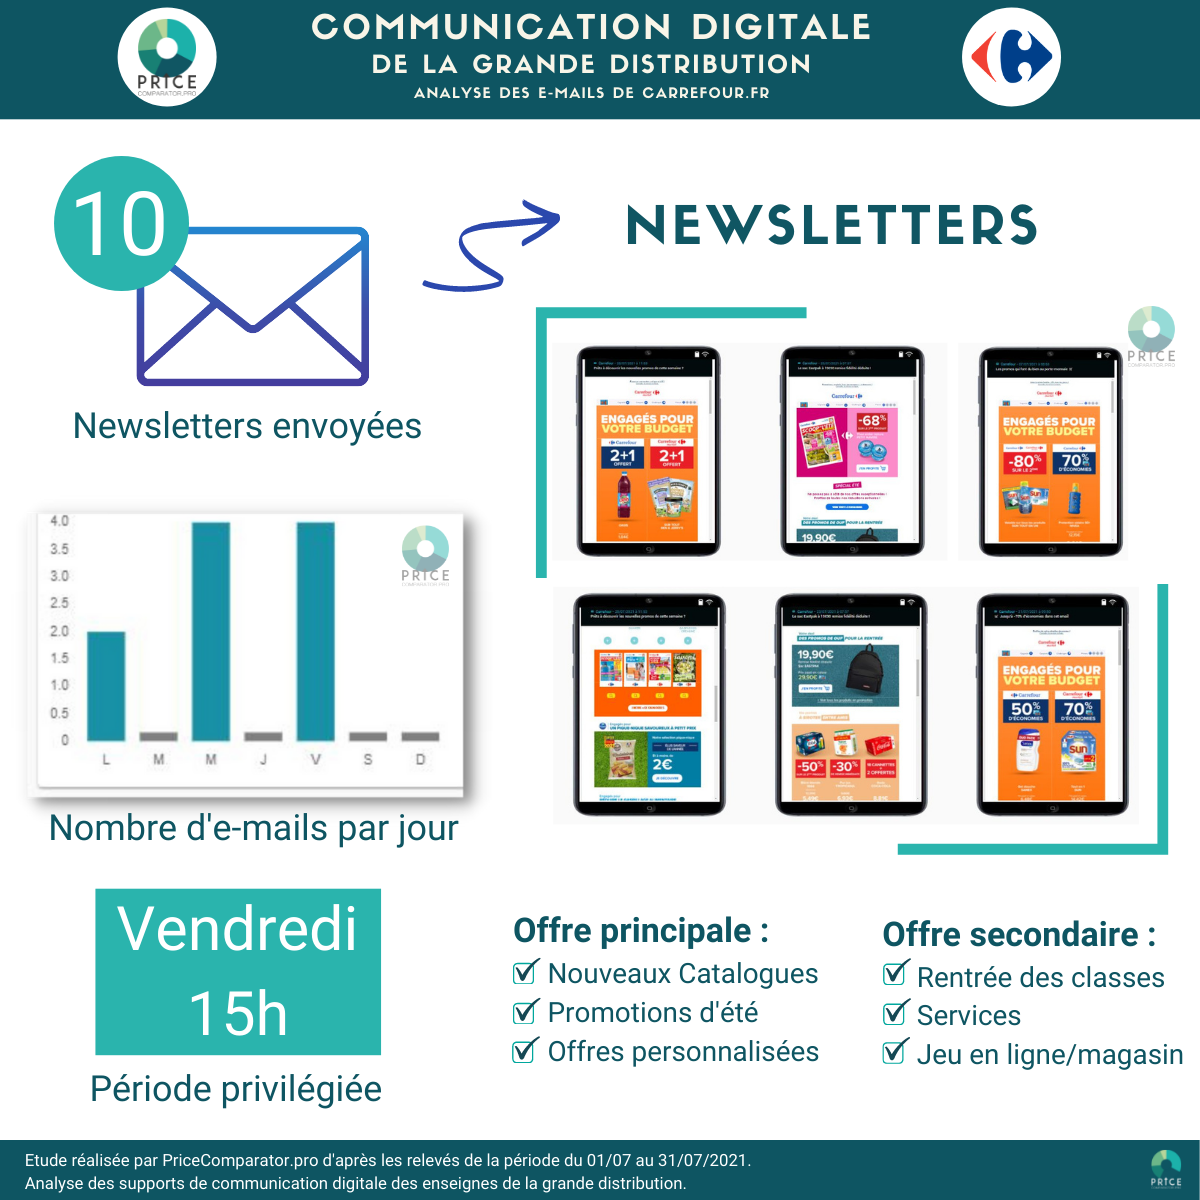 PriceComparator - Analyse de la stratégie d'envoi des Newsletters par Carrefour (juillet 2021)